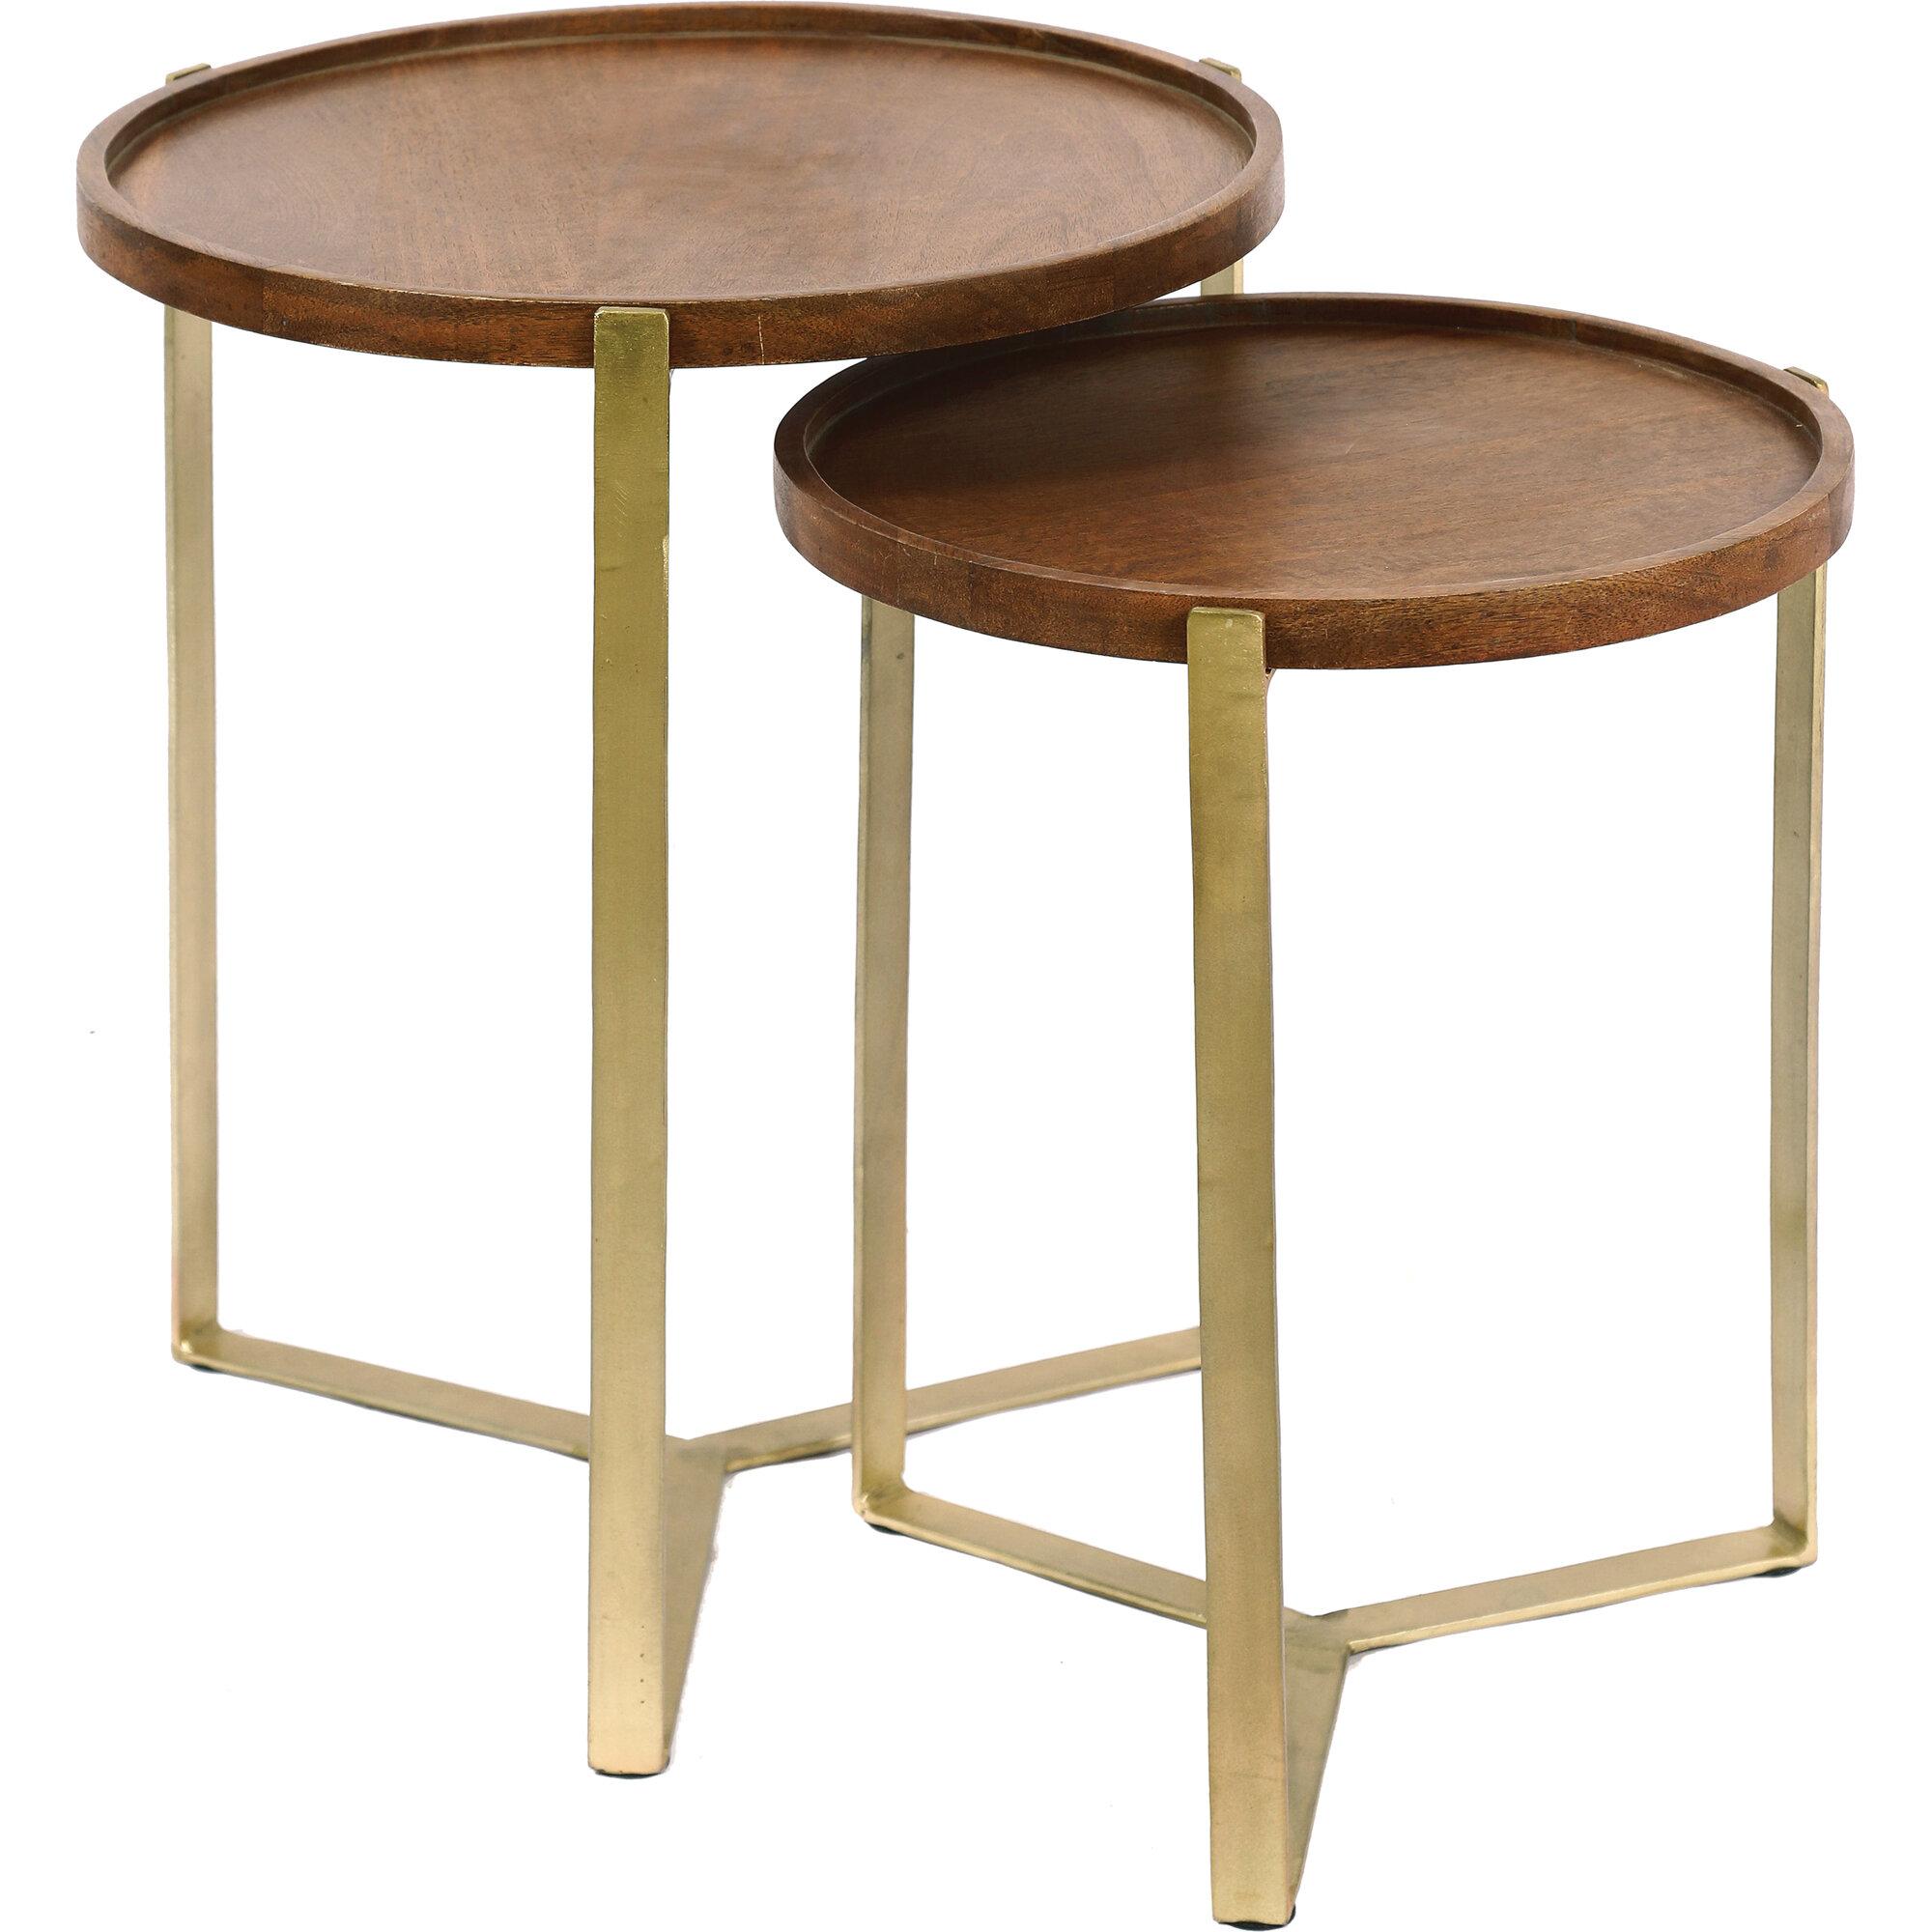 Everly Quinn Wideman 3 Legs End Table Wayfair